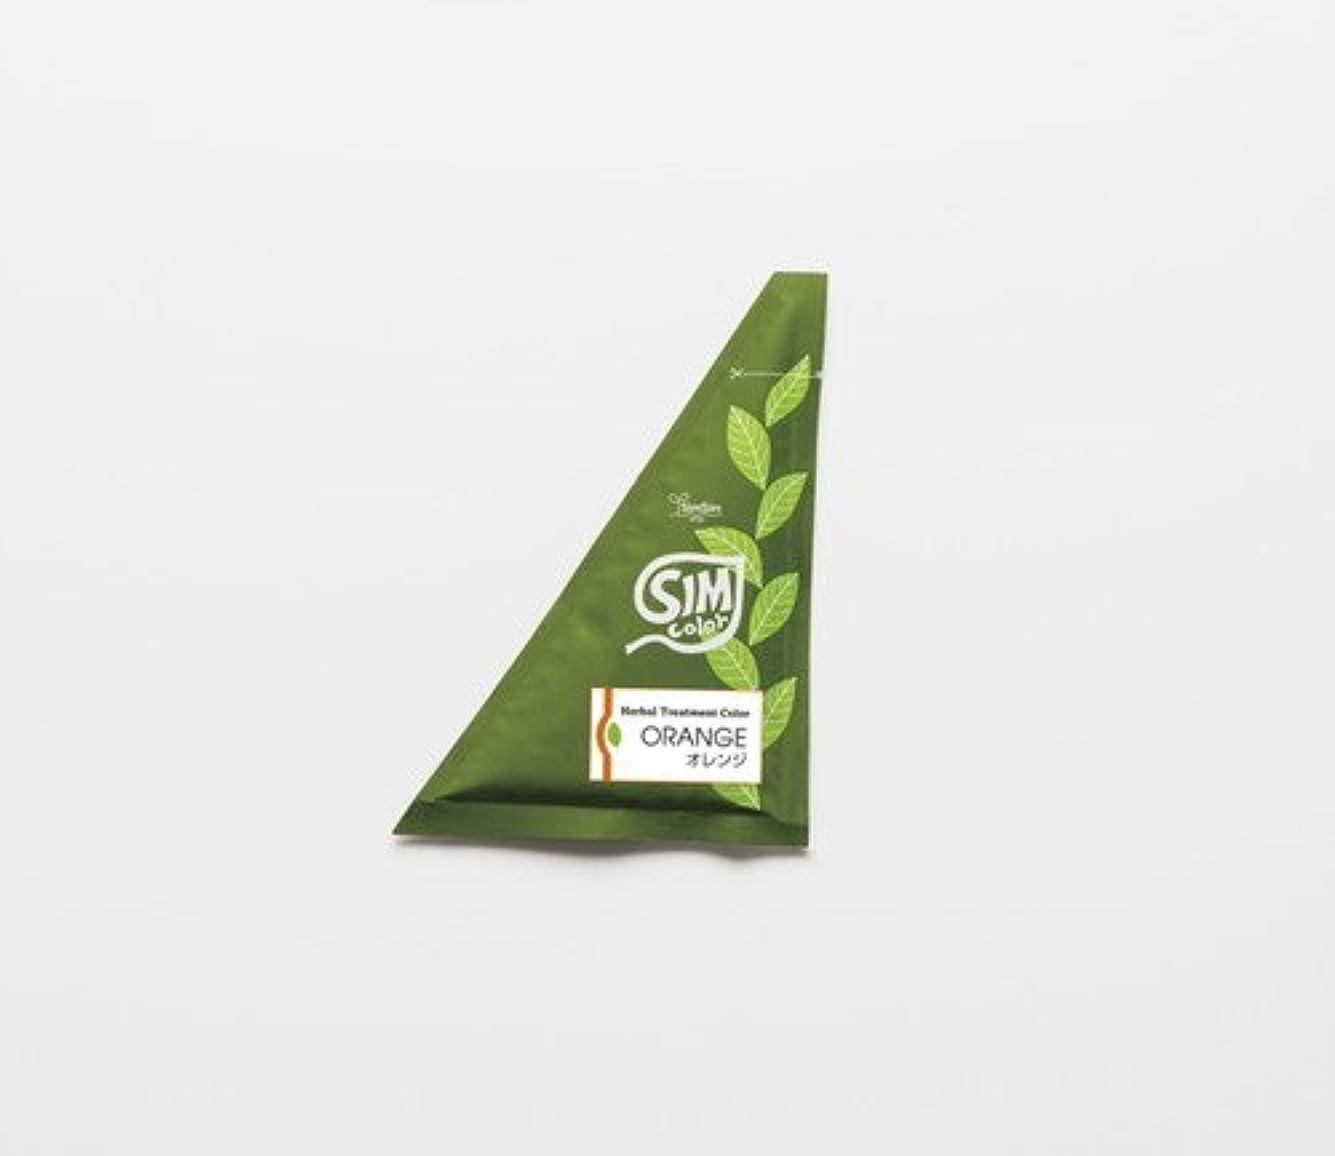 達成政治的旅行代理店SimSim(シムシム)お手軽簡単シムカラーエクストラ(EX)25g 2袋 オレンジ